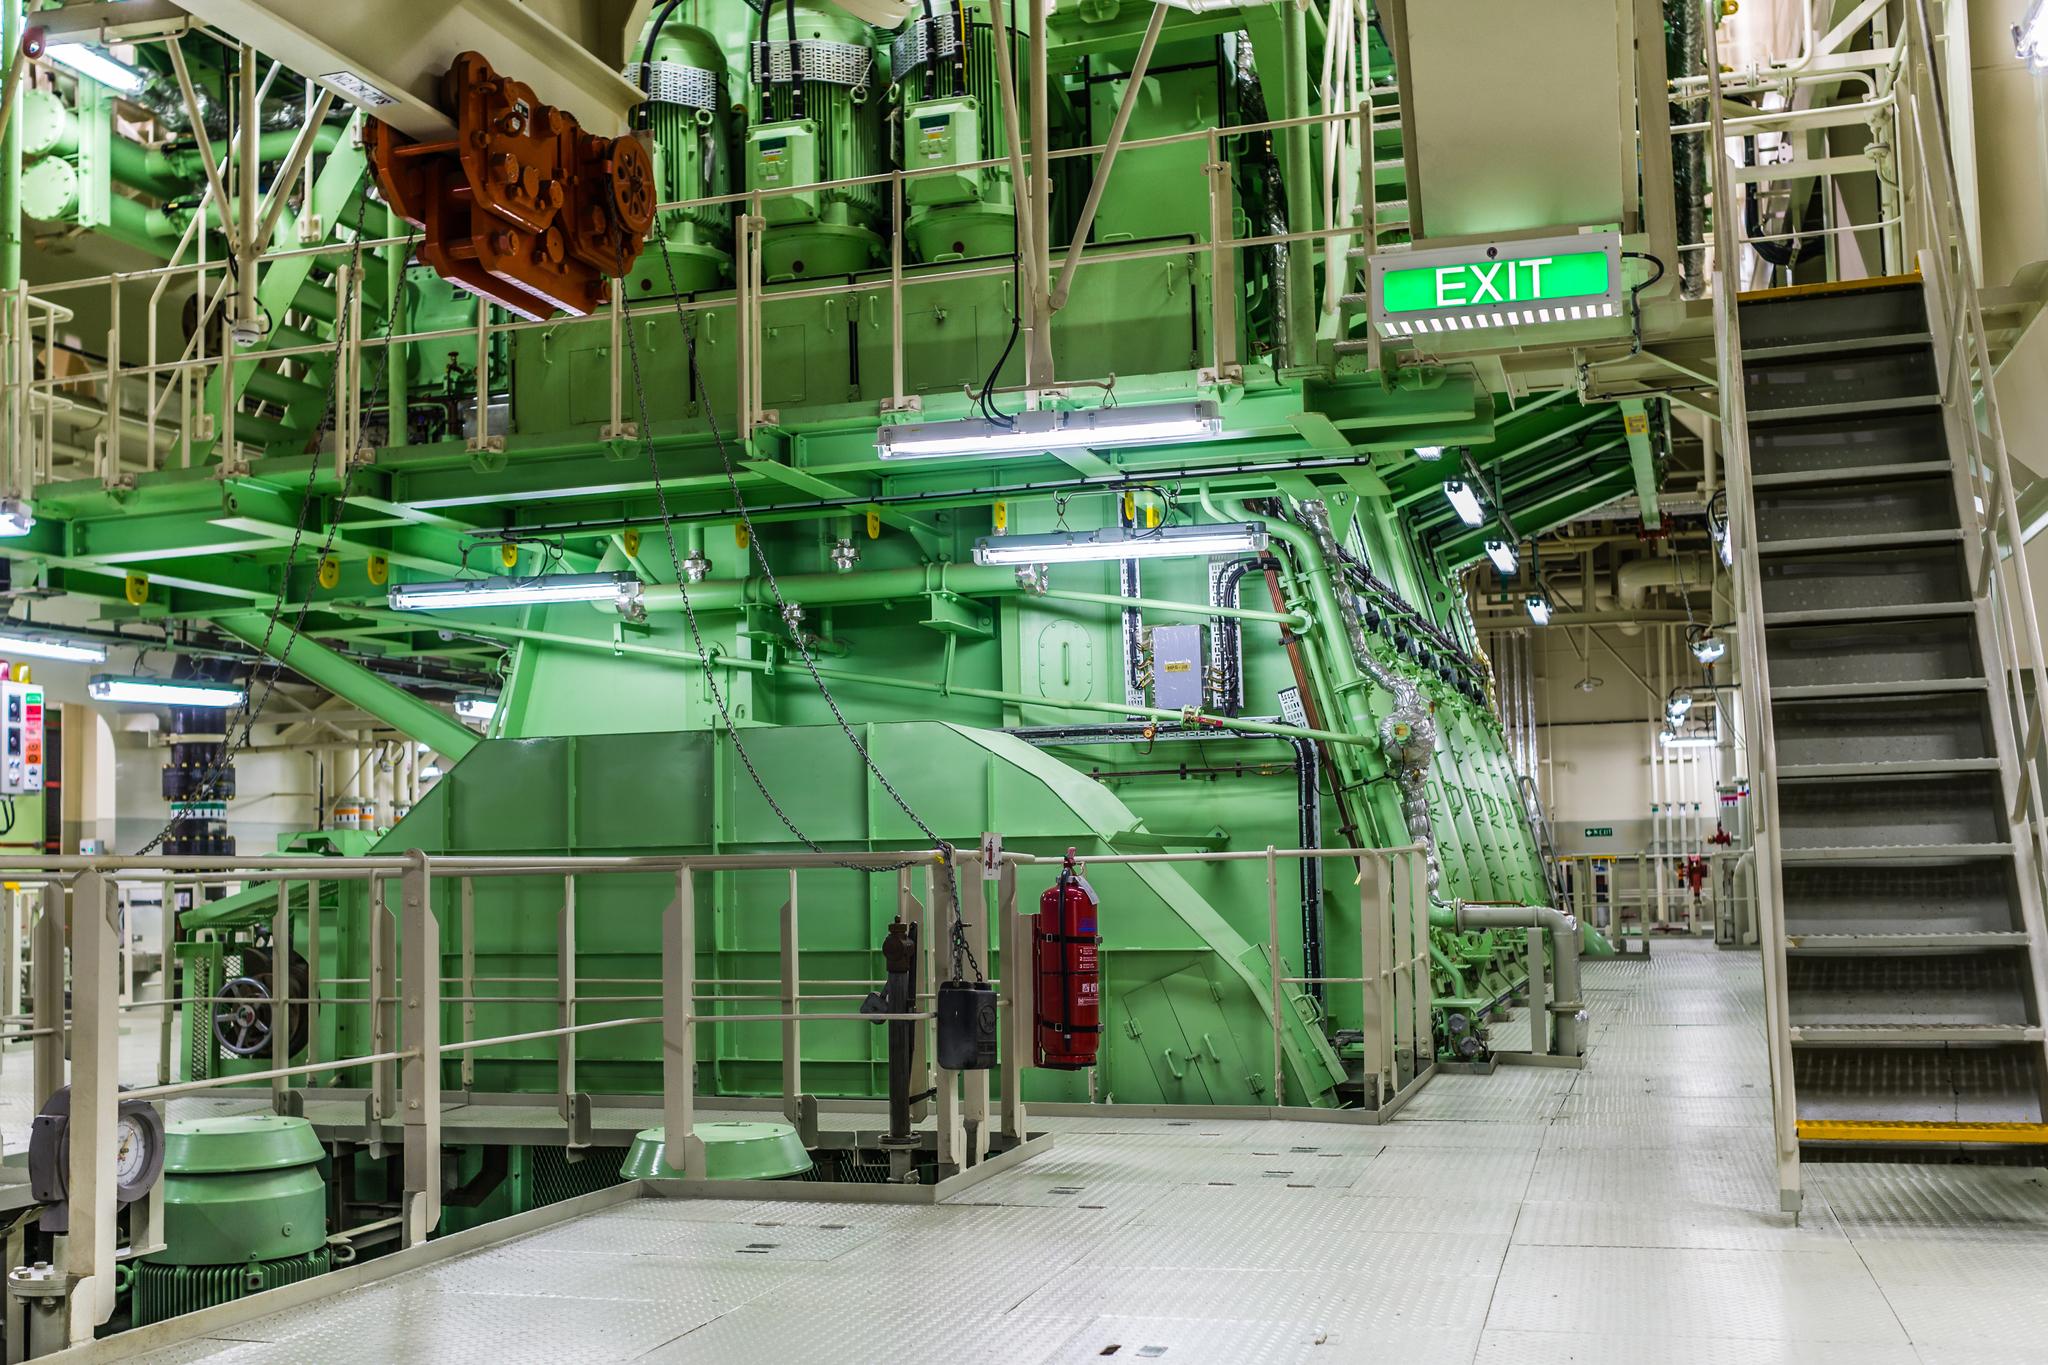 Jeden z dwóch wyprodukowanych przez MAN dwusuwowych silników diesla napędzających Mayview Maersk. Każda z tych ważących ponad 900 ton maszyn generuje moc 43000 koni mechanicznych i wprawia w ruch jedną z dwóch śrub o średnicy 9,8 m. (fot. Robert Urbaniak)